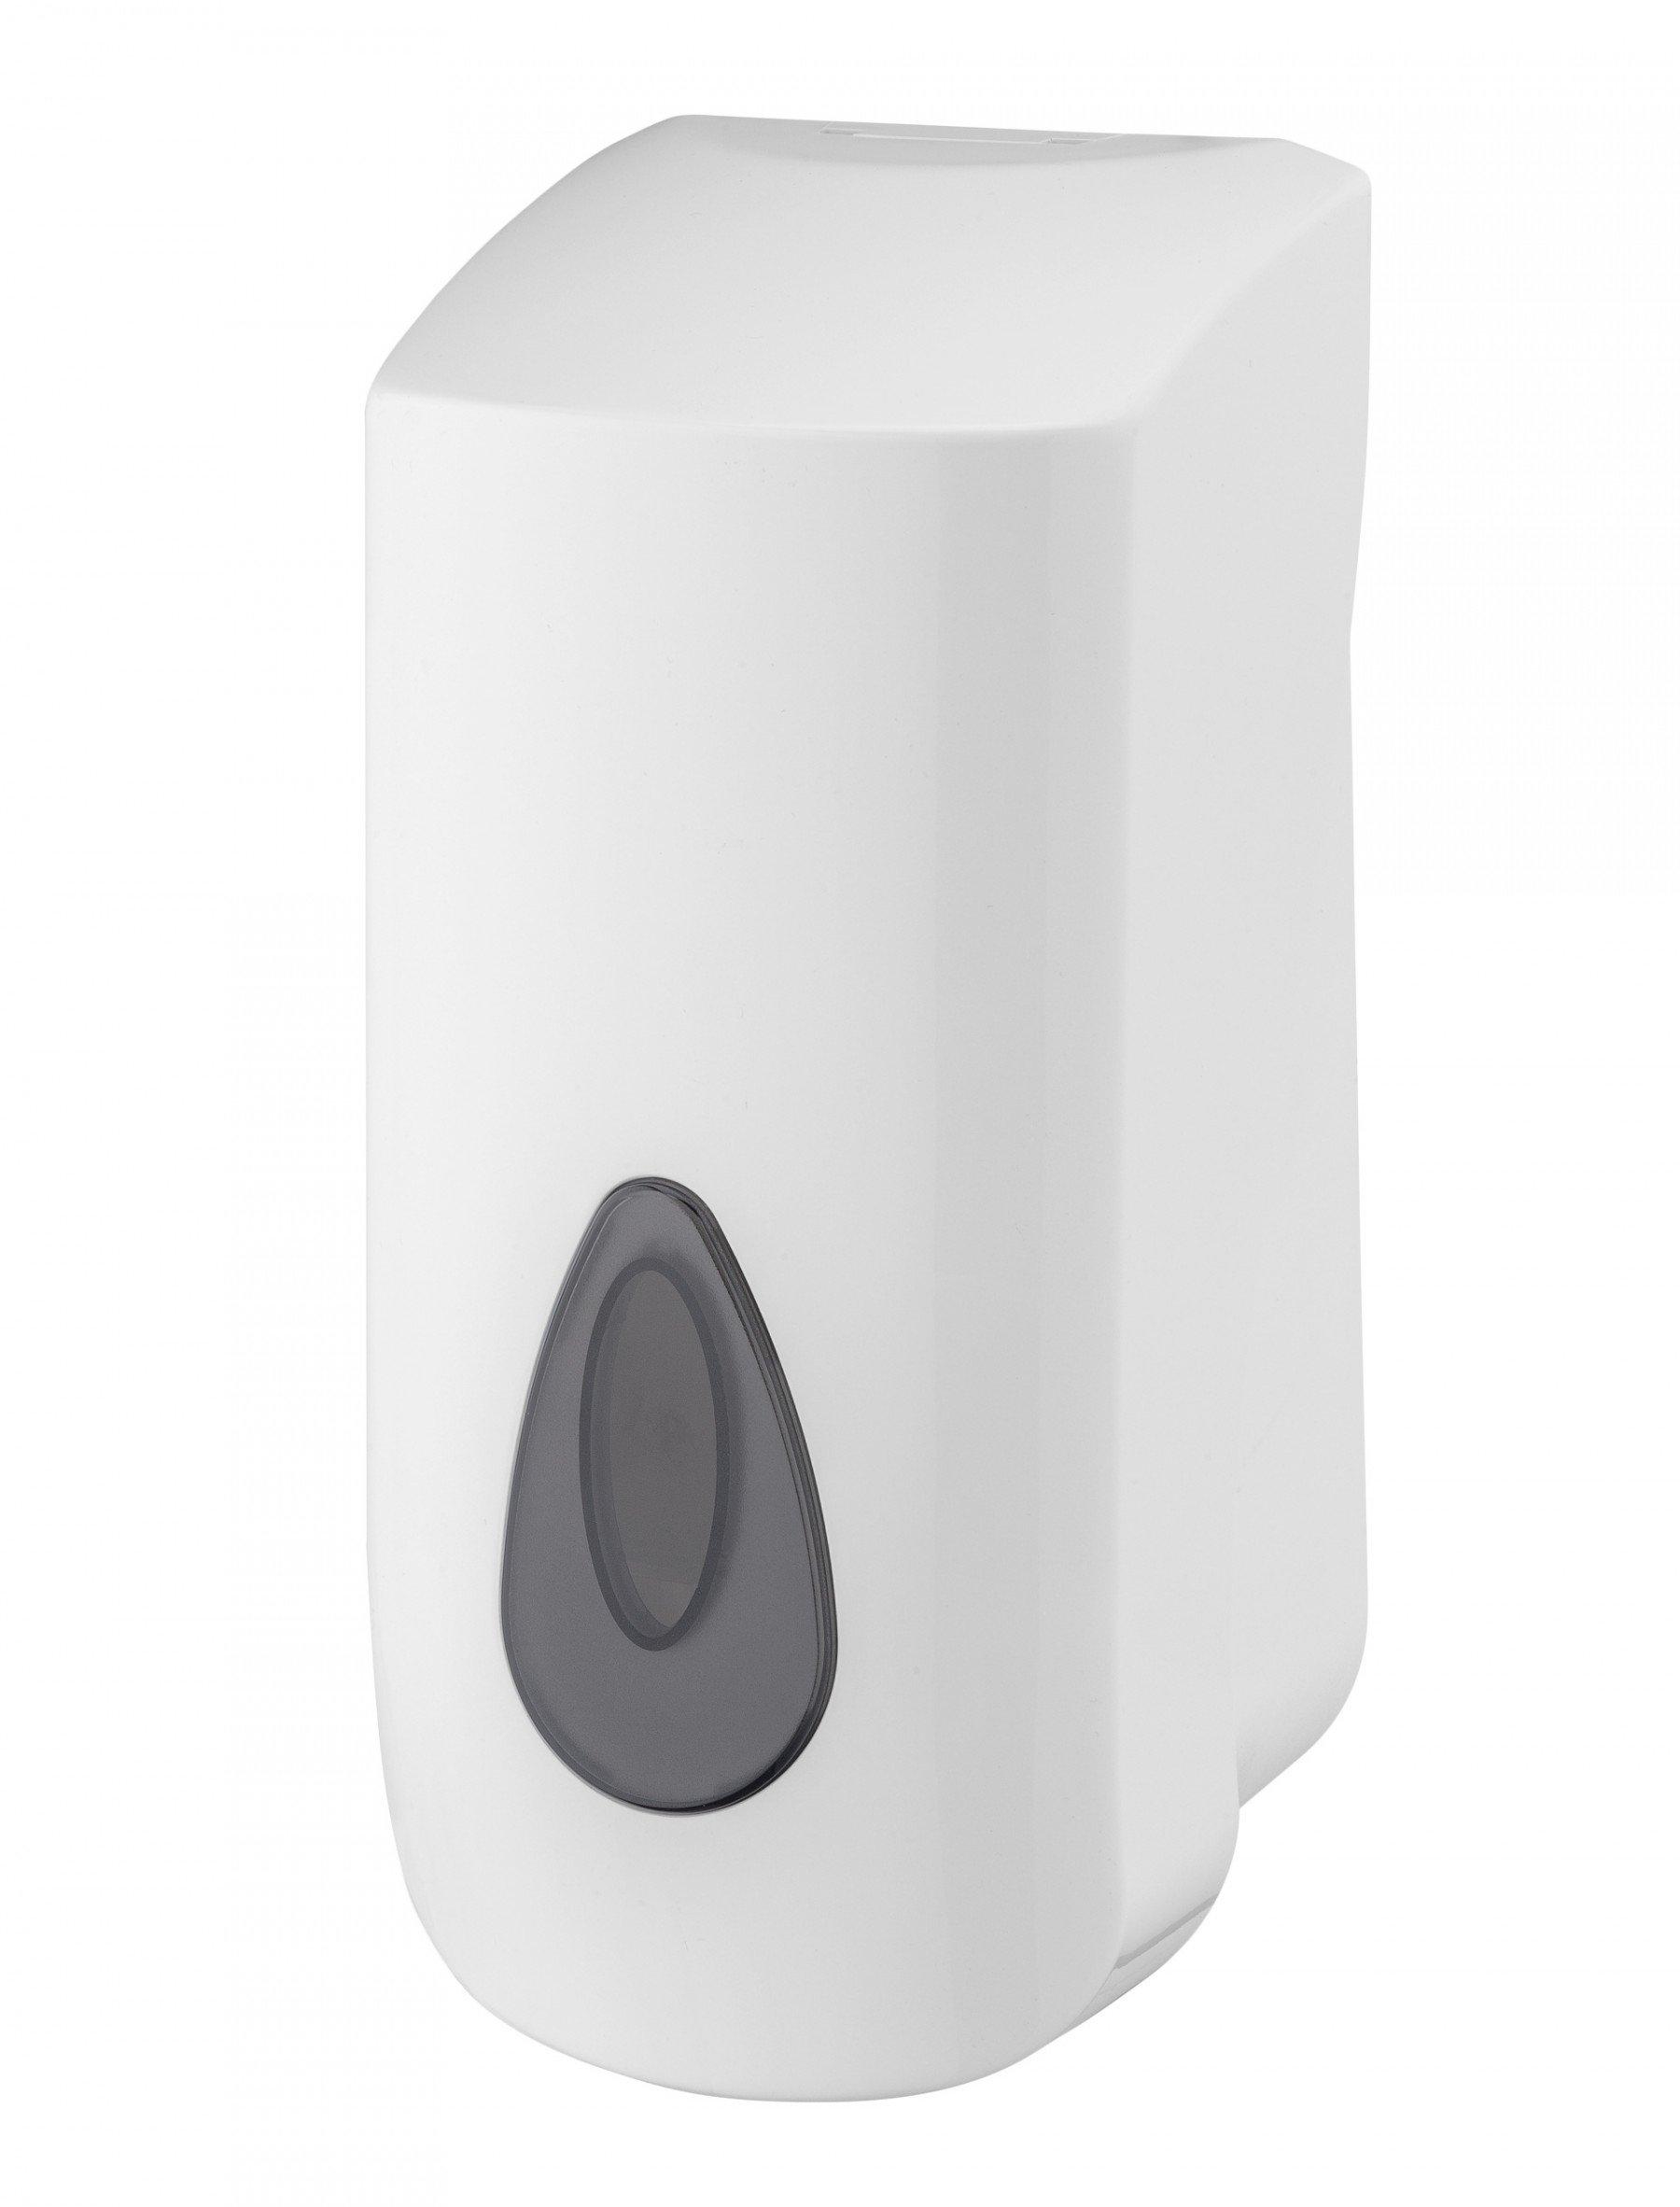 PlastiQline desinfectievloeistof-spraydispenser zelf navulbaar 900 ml kunststof wit